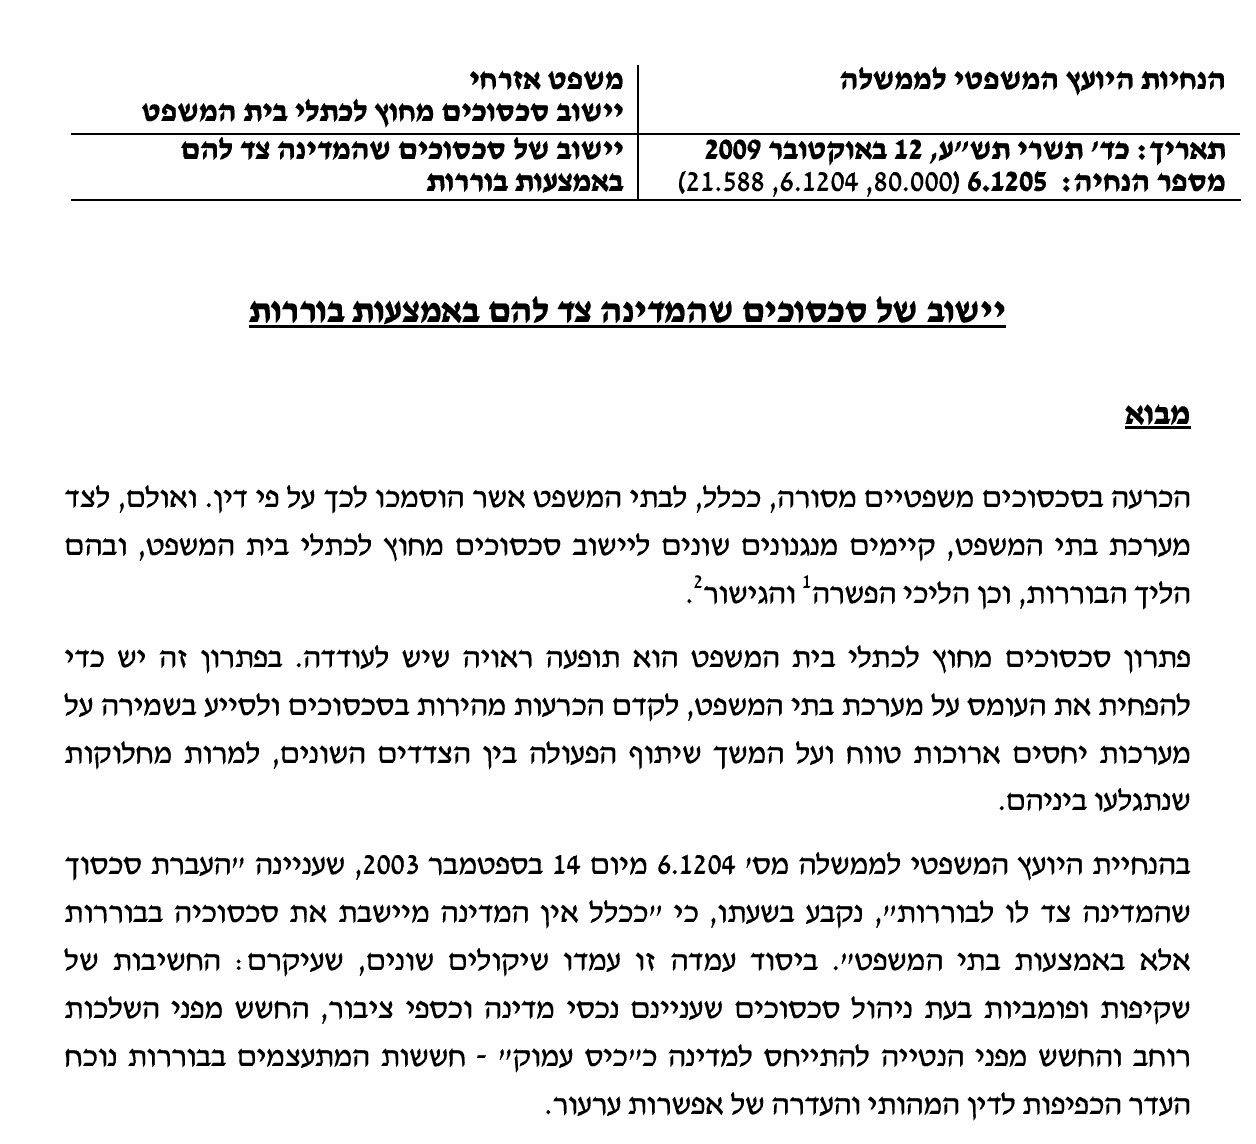 הנחיות היועץ המשפטי לממשלה בעניין יישוב סכסוכים מחוץ לכותלי בית המשפט